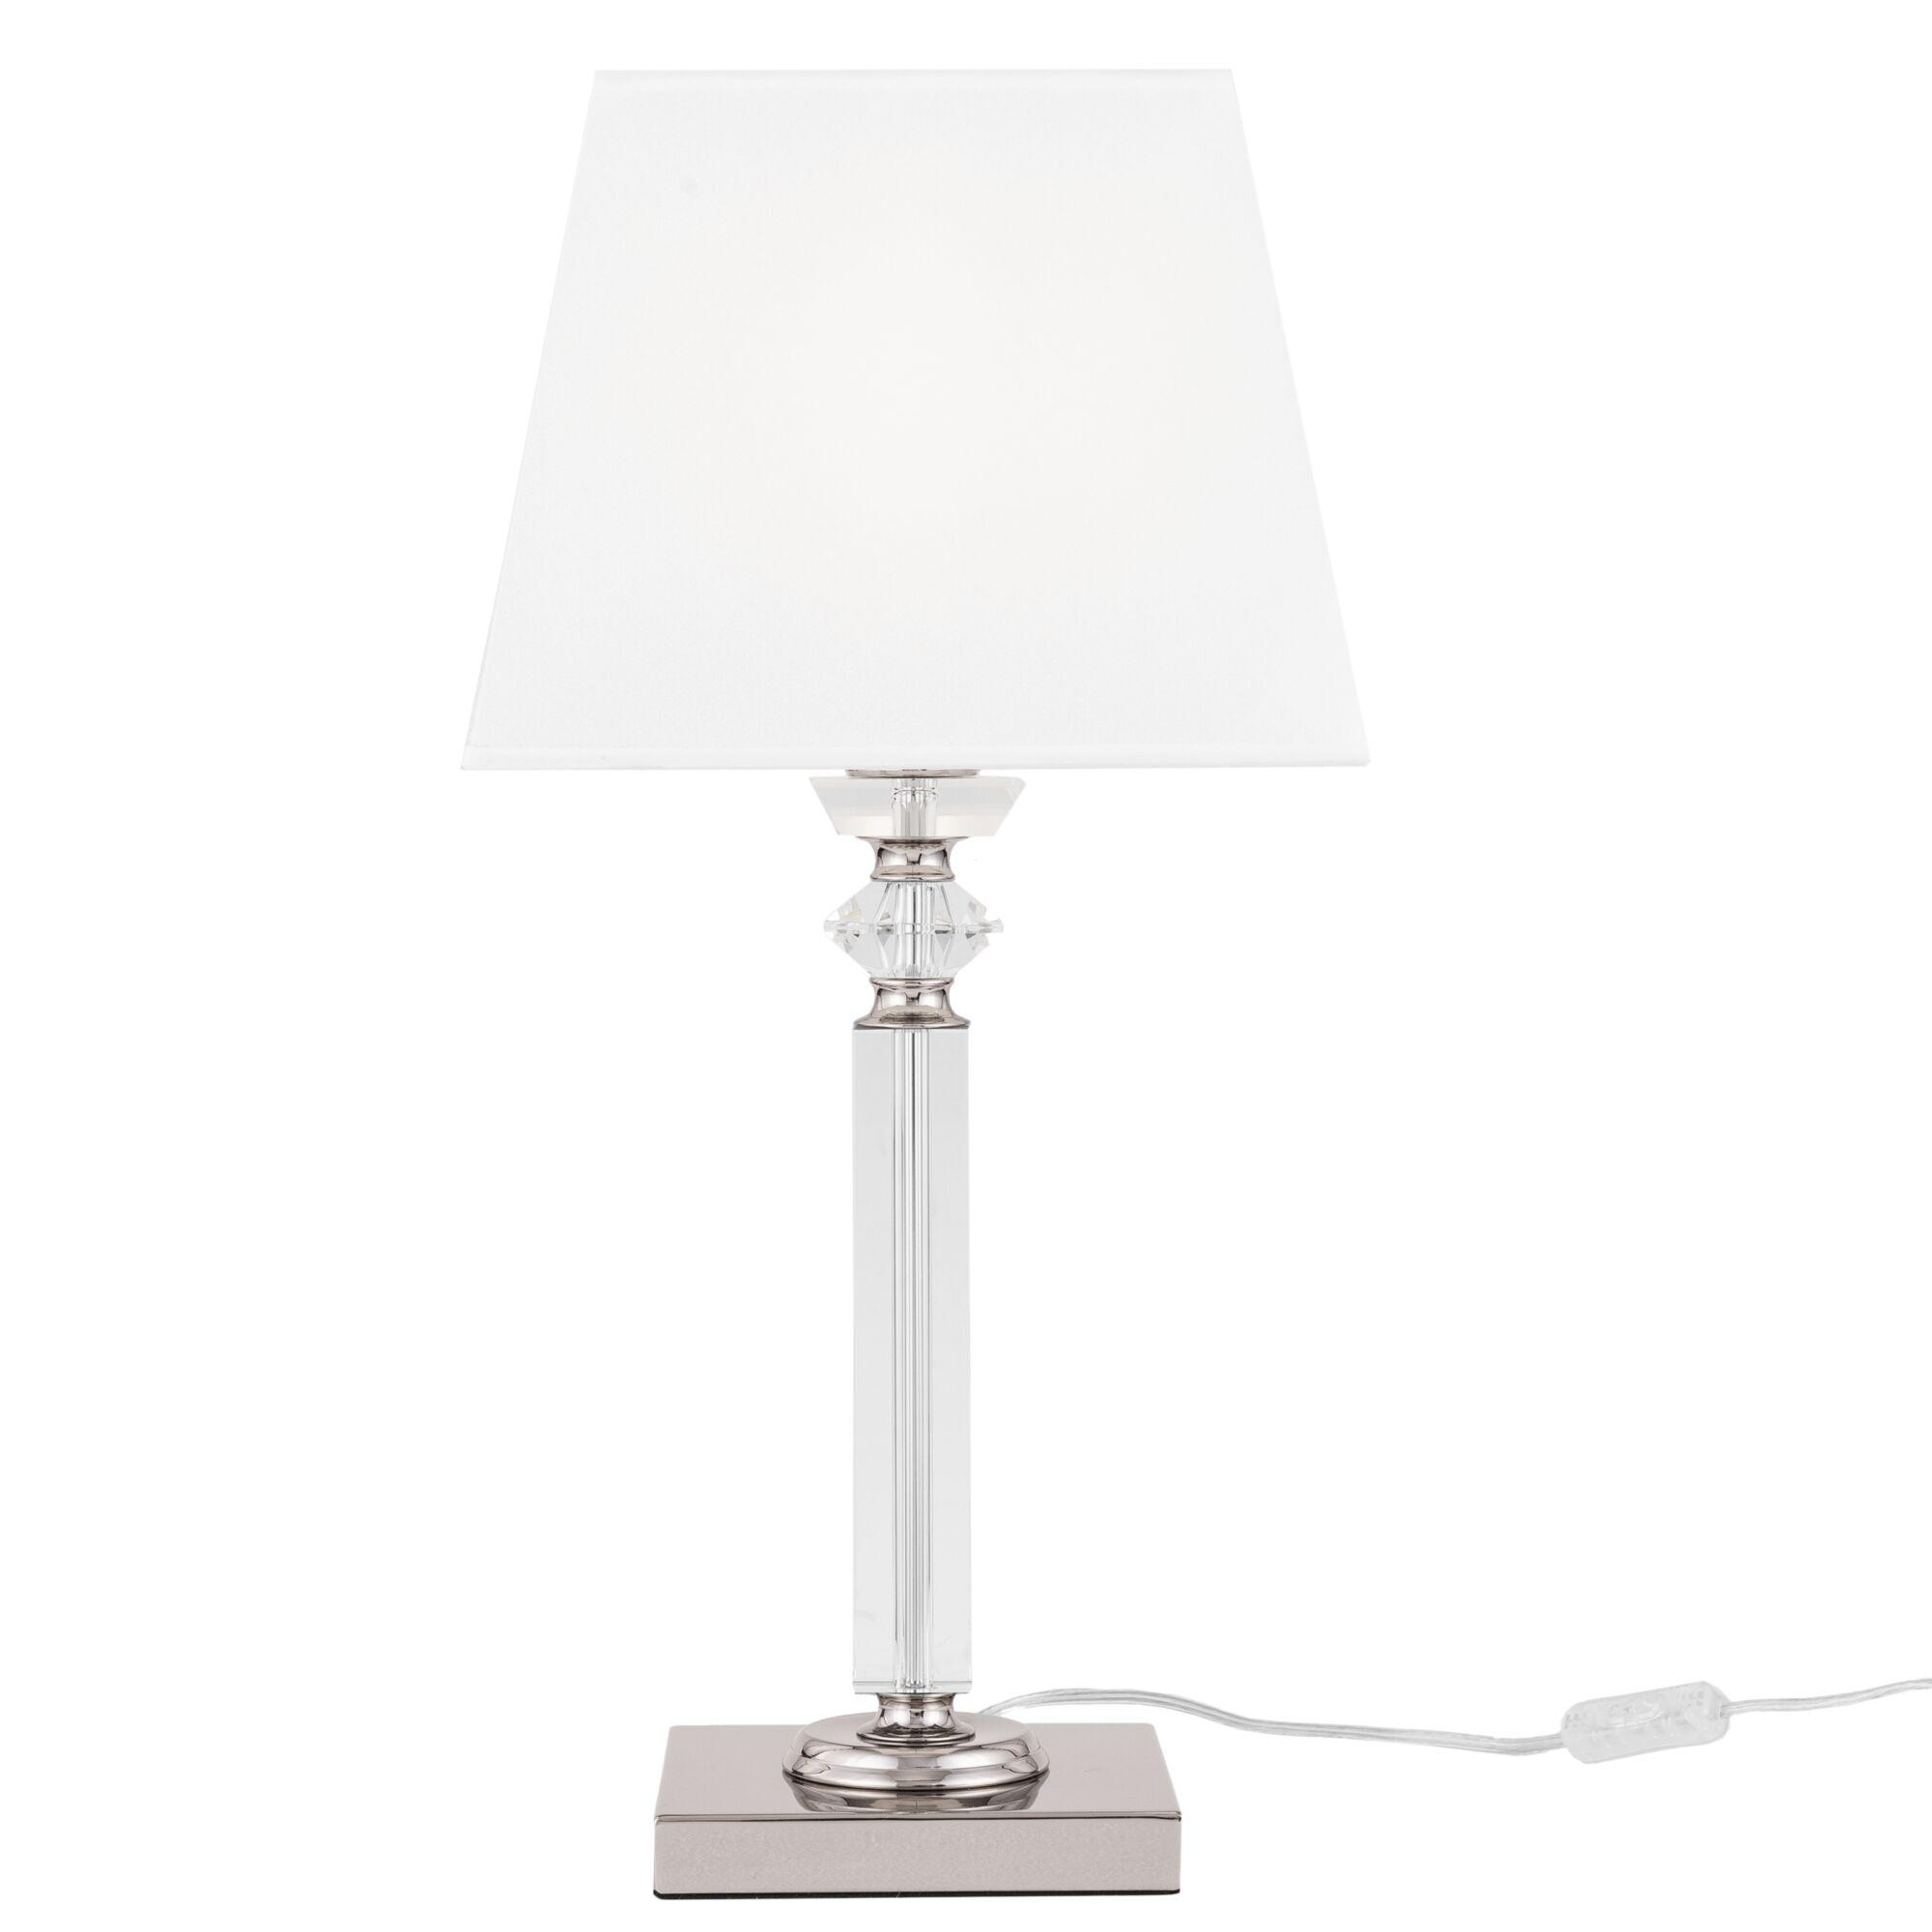 Настольная лампа Maytoni MOD019TL-01CH Хром 1хE27х60W бра maytoni mod617wl 01ch хром 1хe27х60w